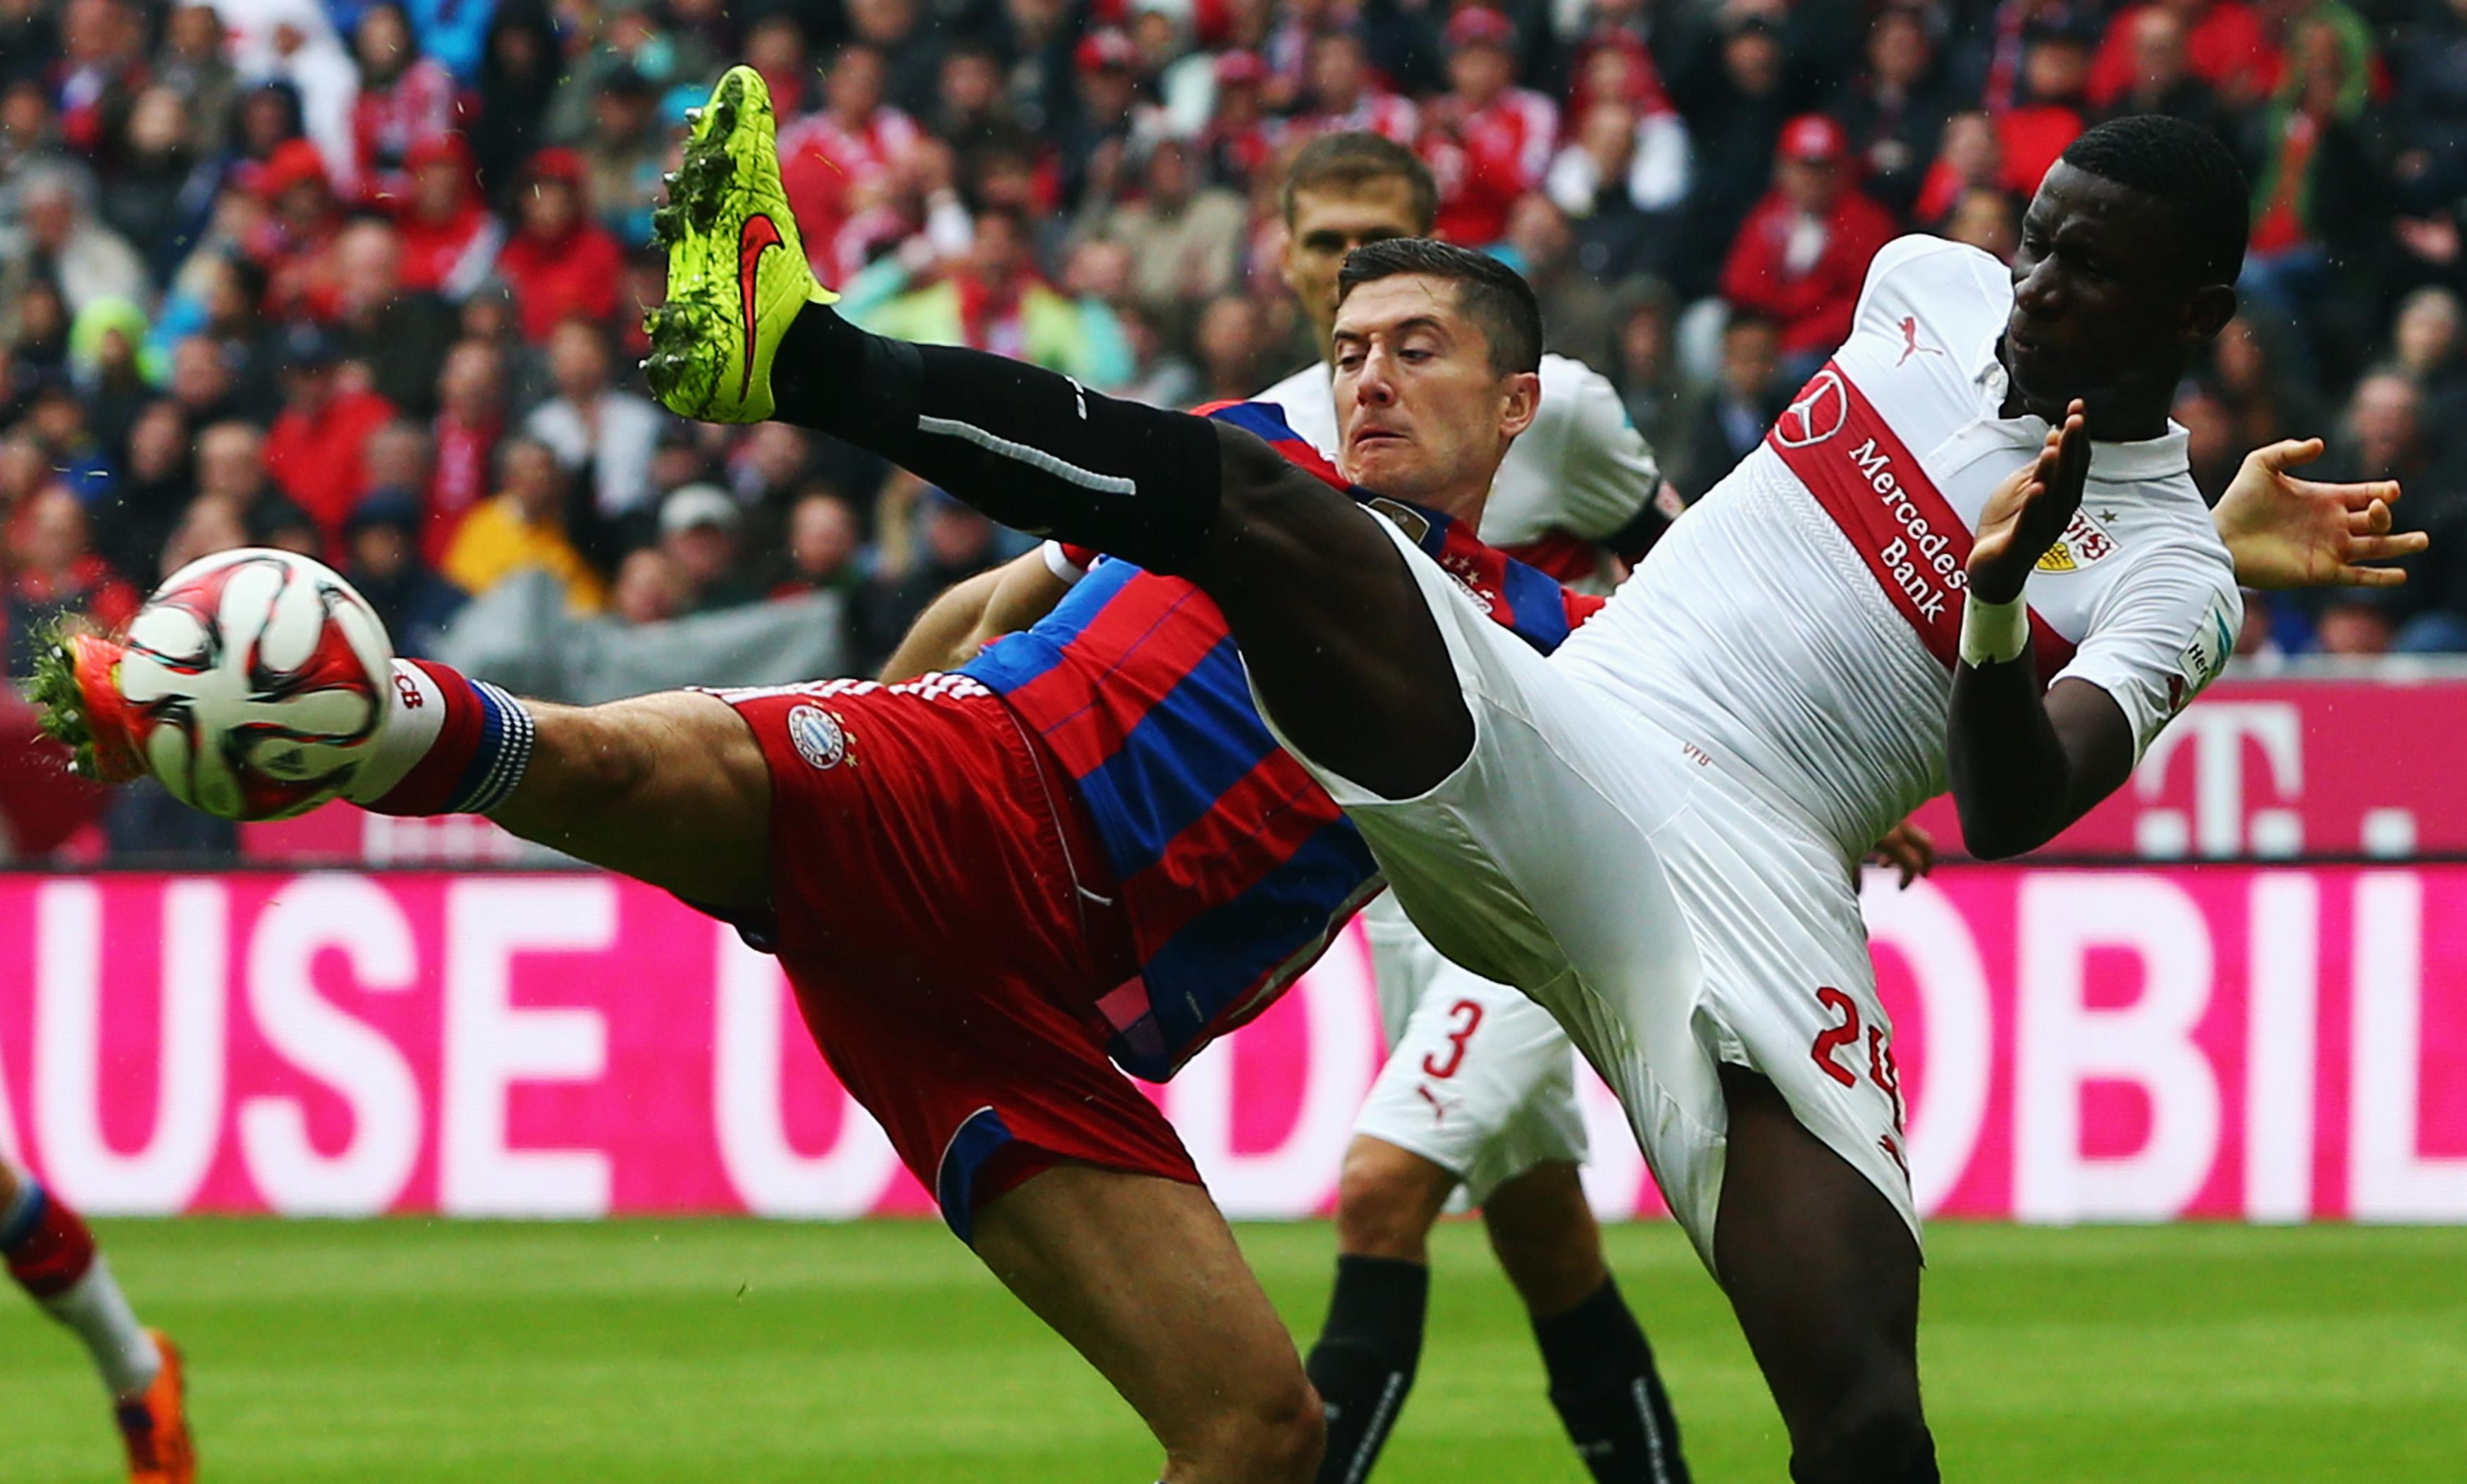 Live-Stream 1. Bundesliga 3. Spieltag – Spielplan und Ergebnisse: Heute Eintracht Frankfurt vs FA Augsburg, Hannover 96 vs Hamburger SV